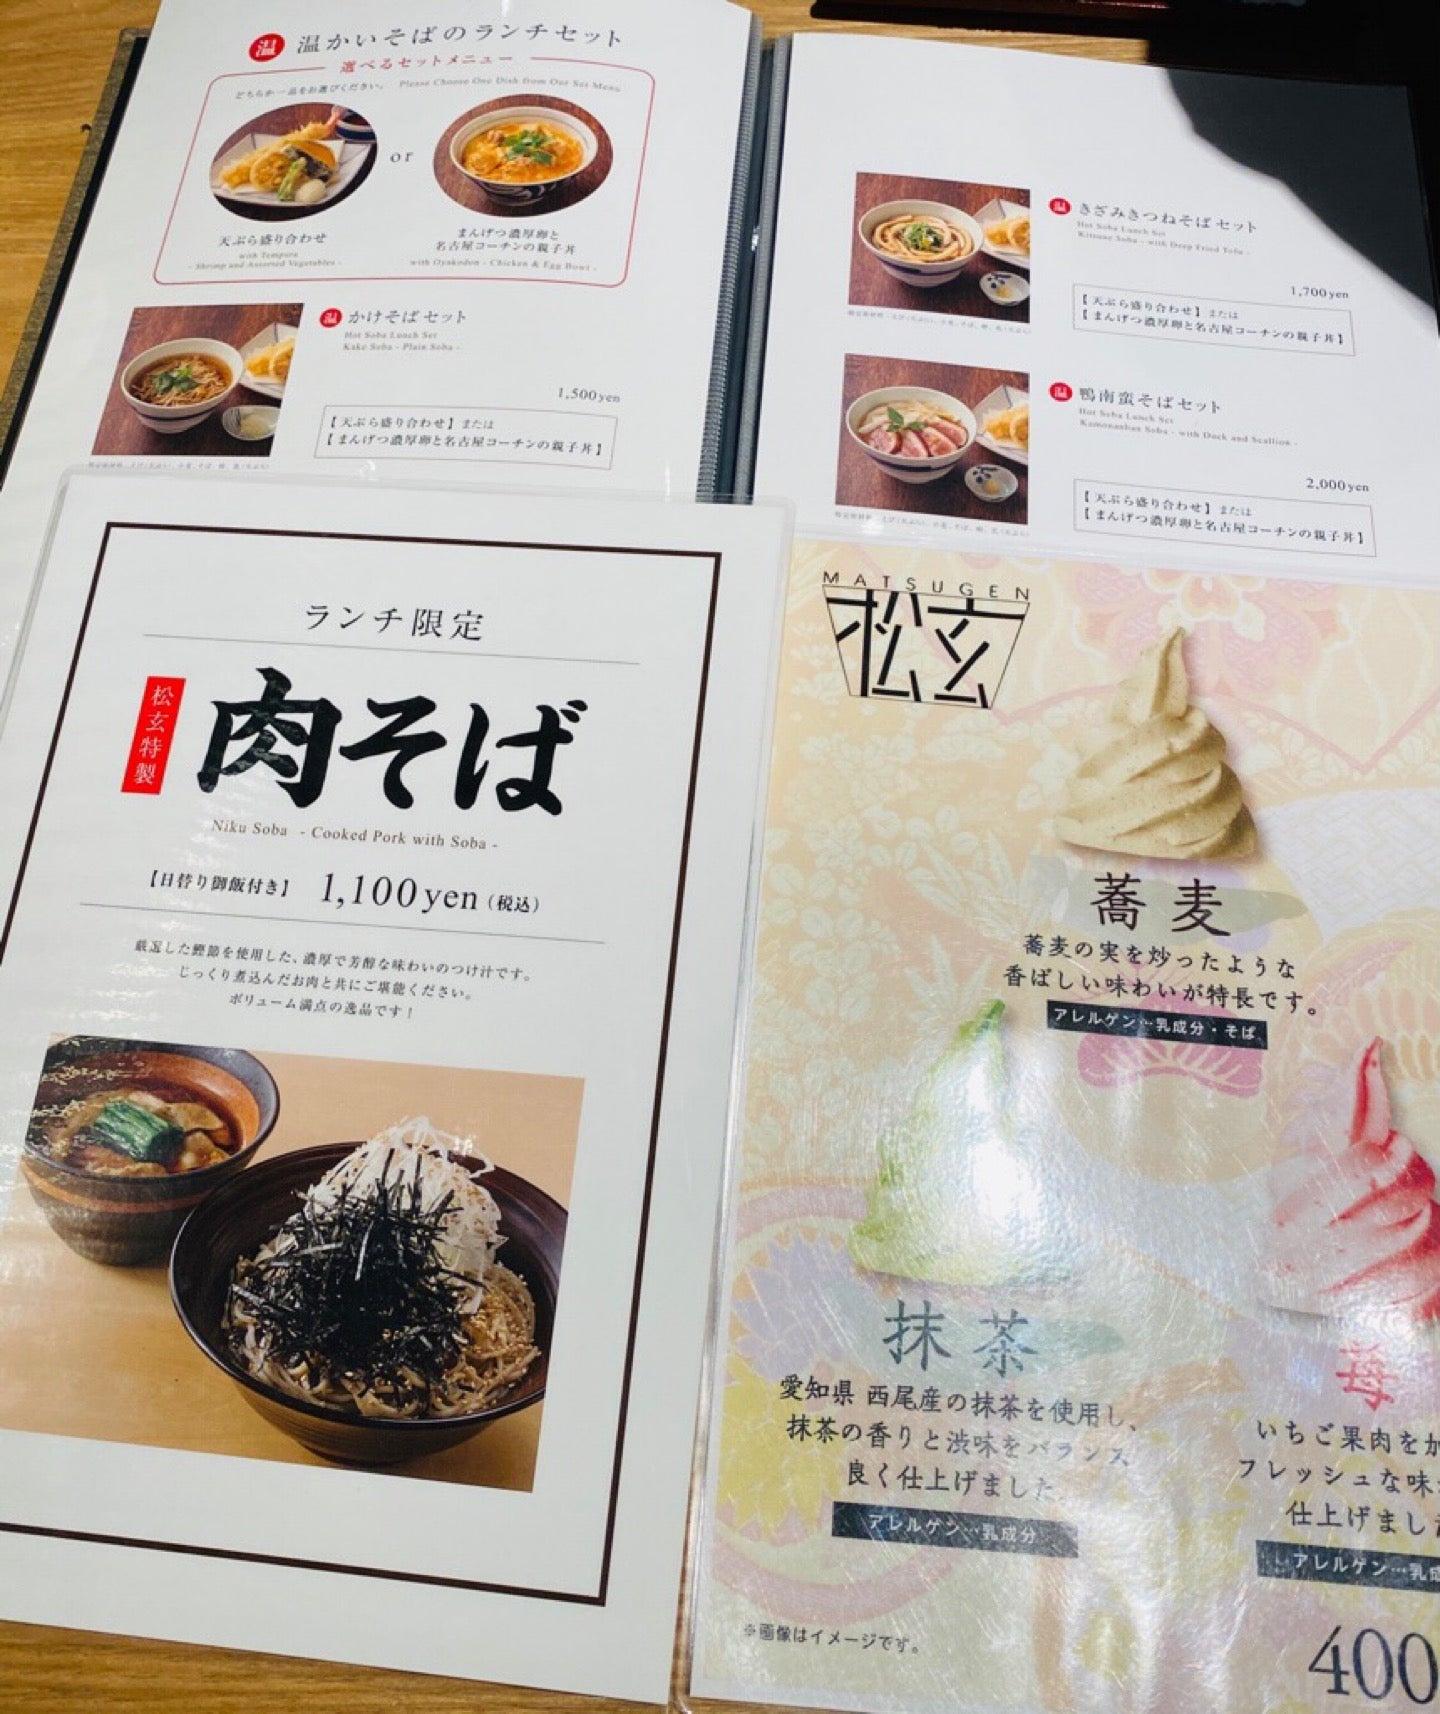 メニュー。蕎麦のソフトクリームや名古屋コーチン親子丼など。 (@ 松玄 名古屋JRゲートタワー店 in 名古屋市, 愛知県) https://t.co/xTRdTsMLIZ https://t.co/ZCW74KWumG